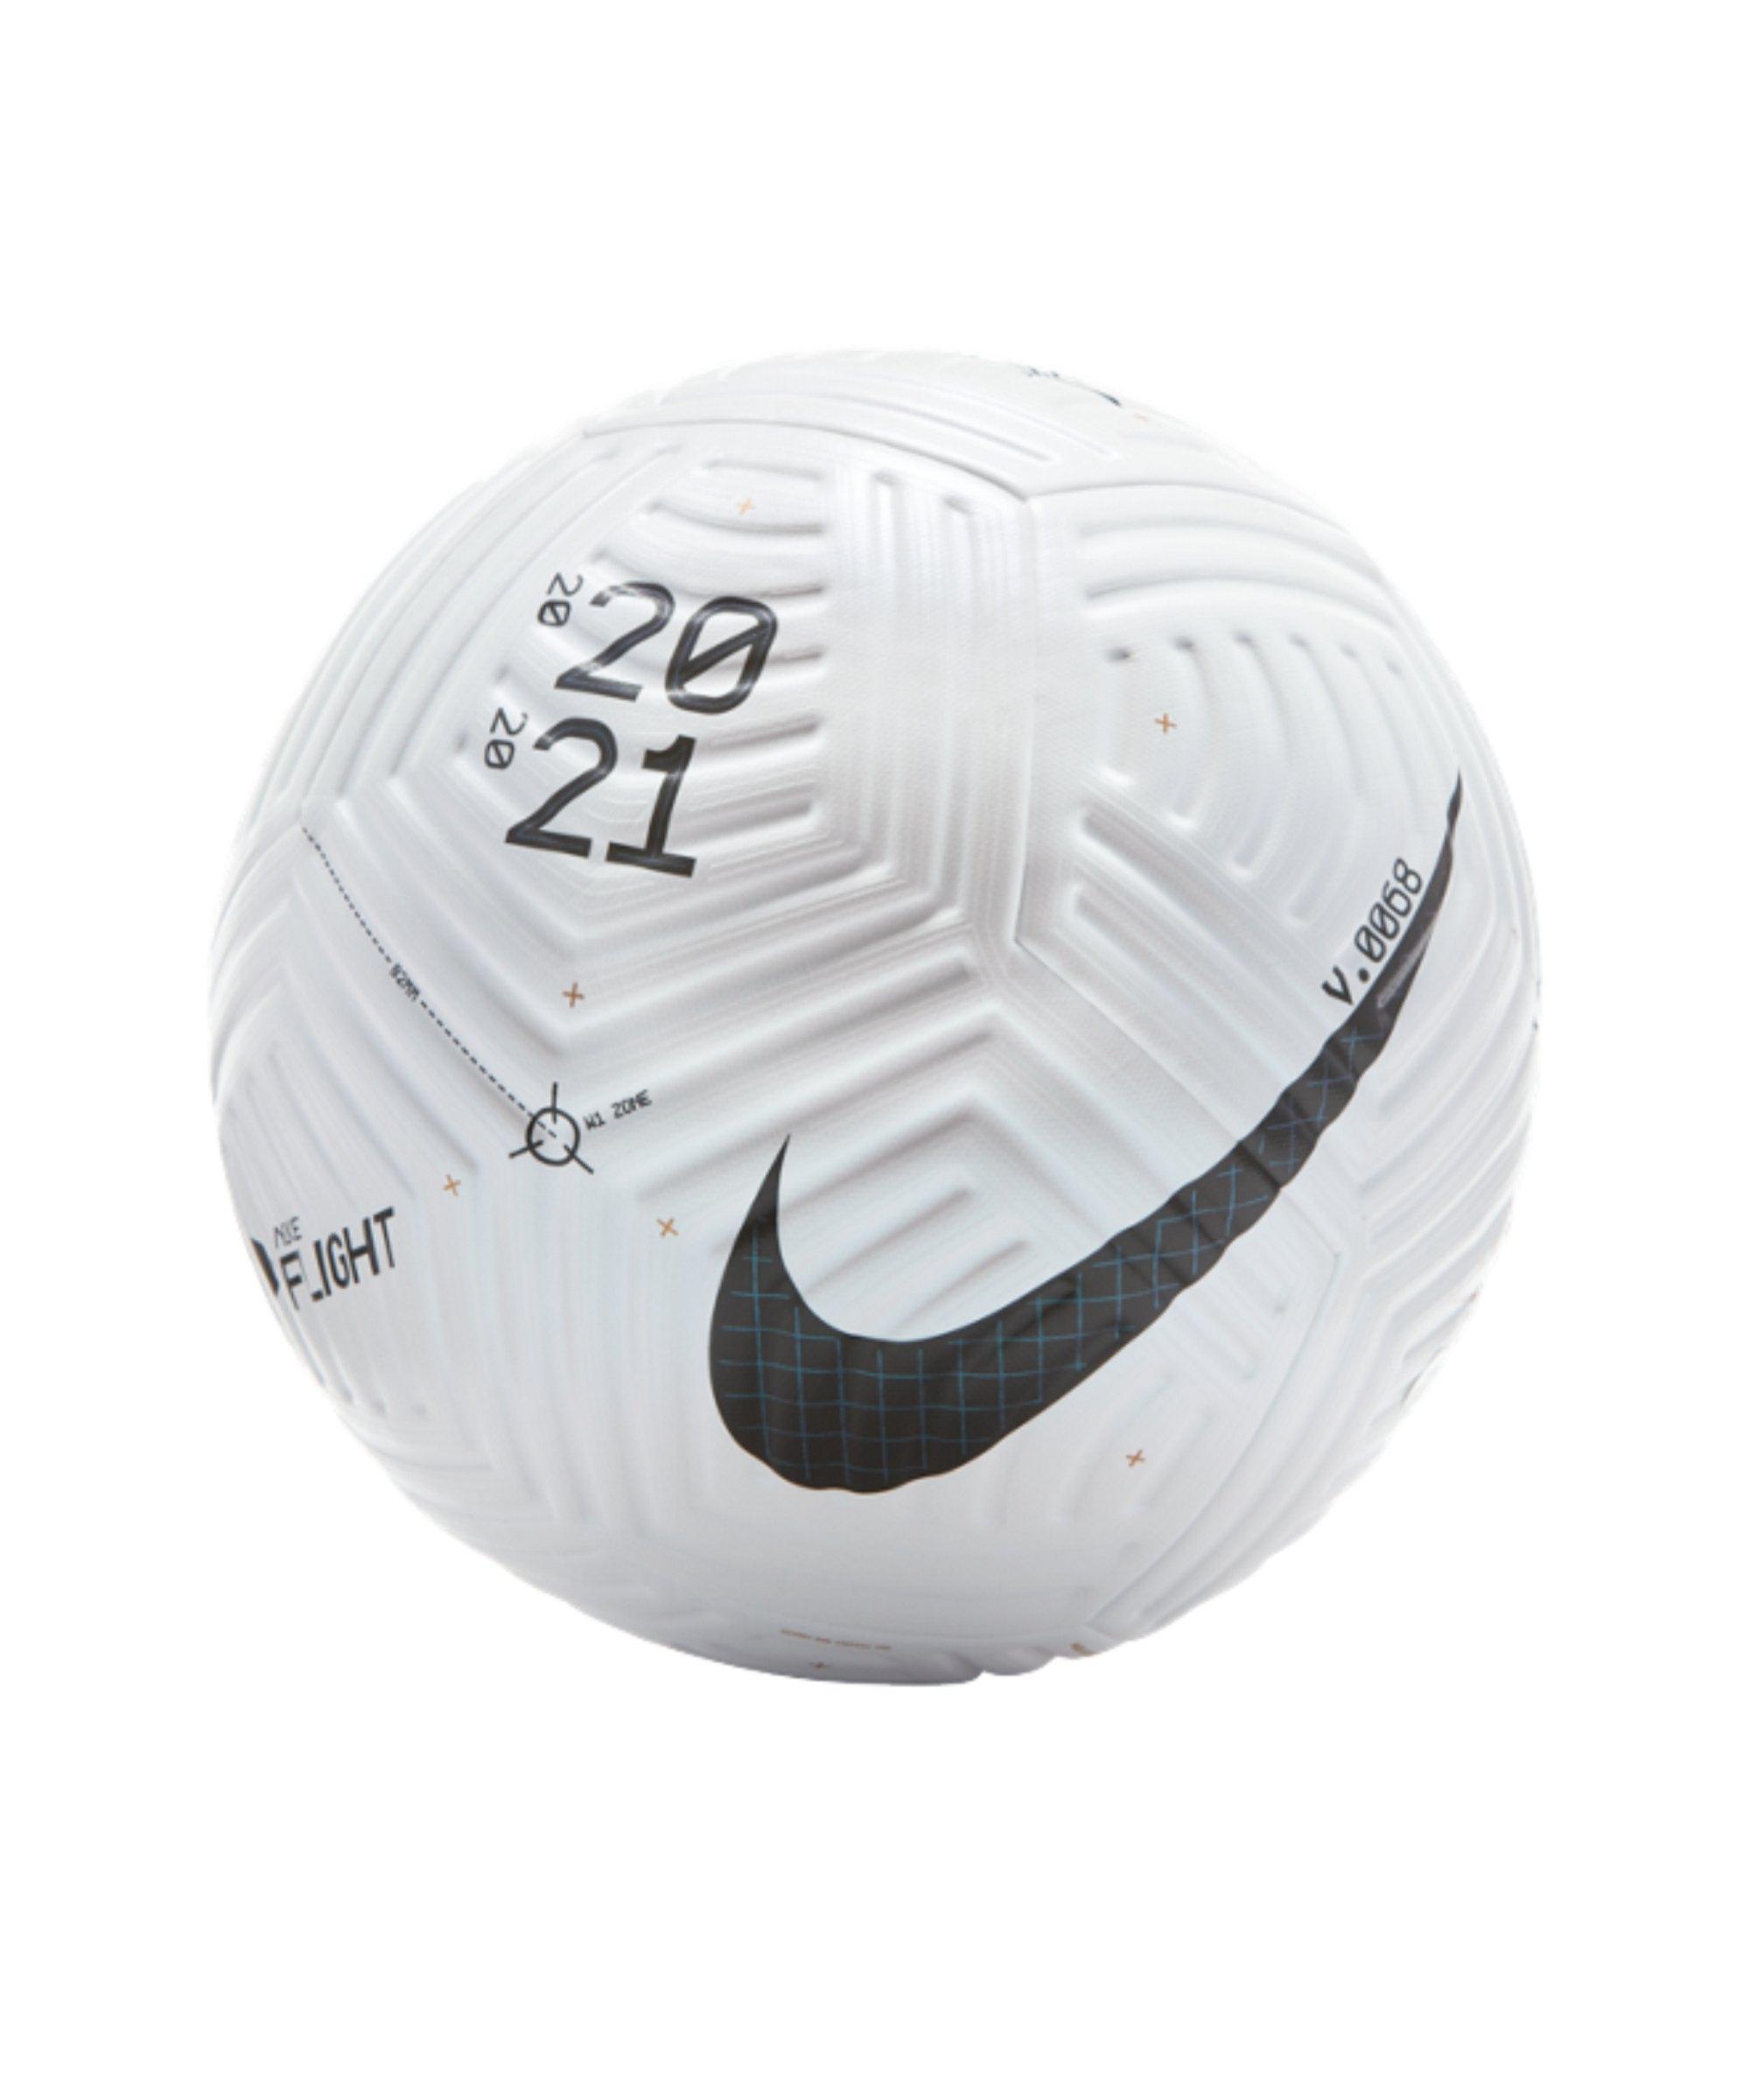 Nike Flight Spielball Weiss F100 - weiss